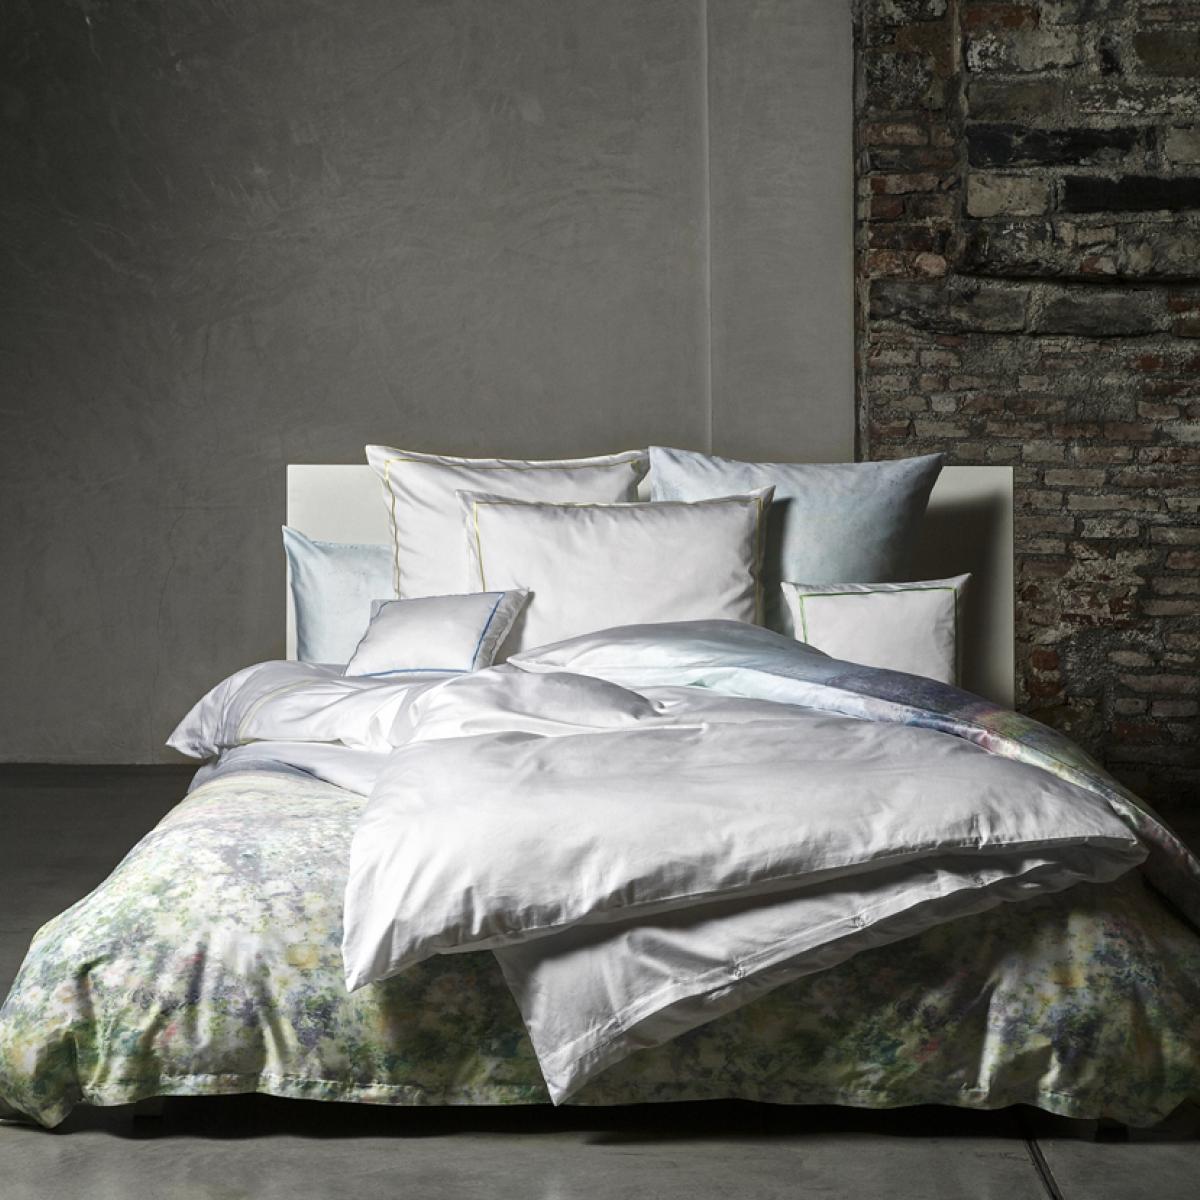 fr hjahr kollektion raumausstatter with ft sohn dortmund. Black Bedroom Furniture Sets. Home Design Ideas